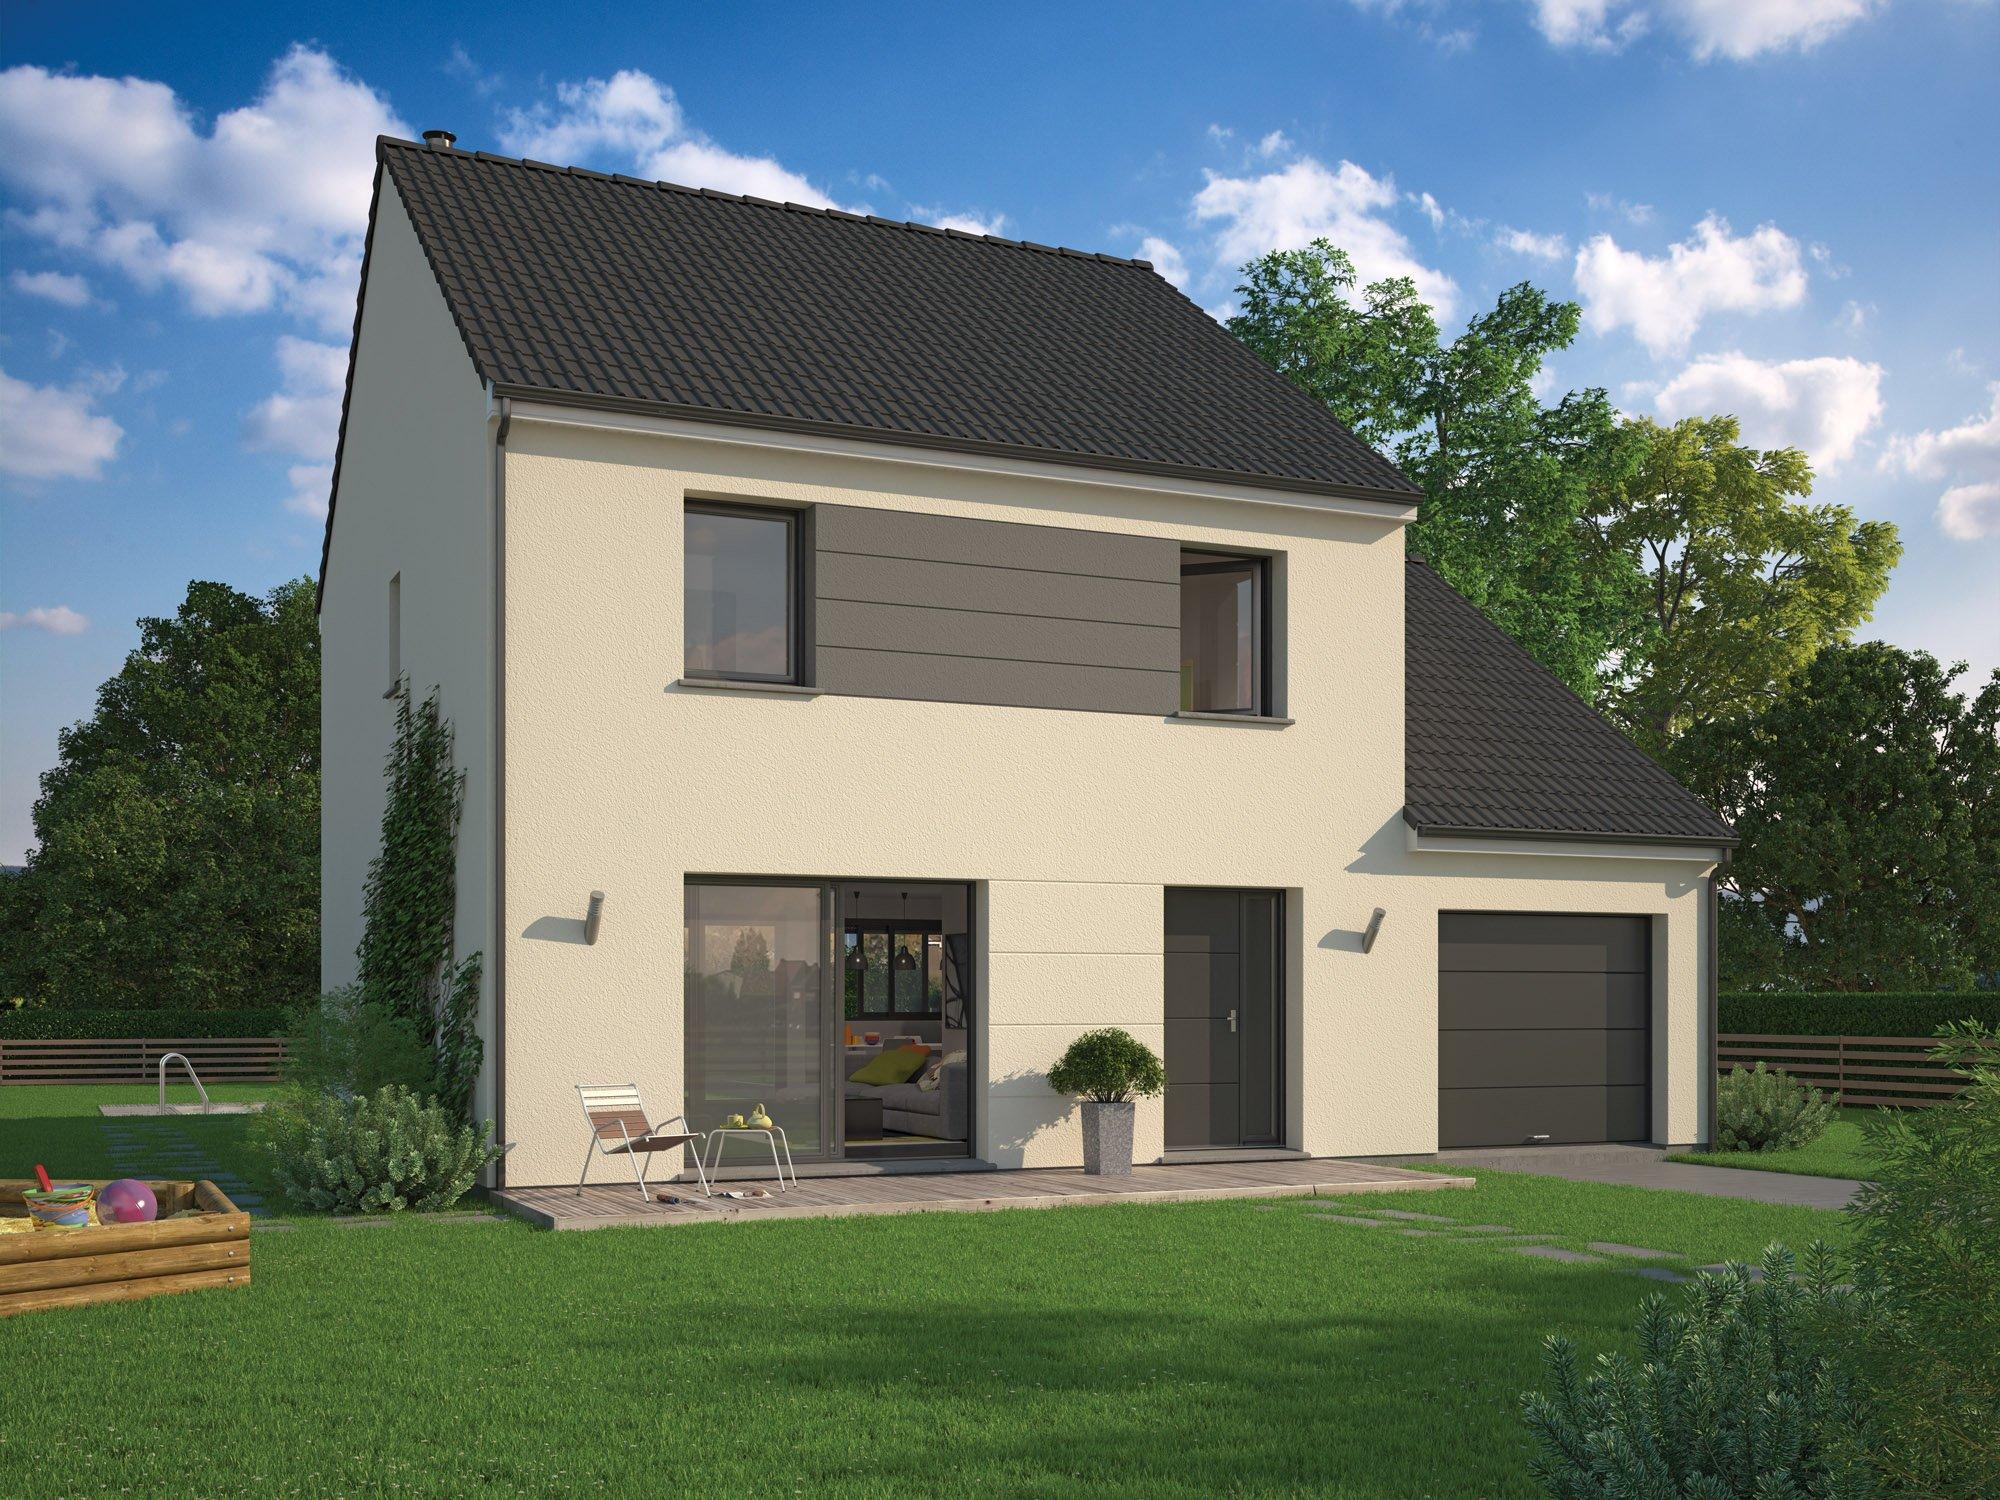 Maisons + Terrains du constructeur MAISON CASTOR • 105 m² • RONQUEROLLES